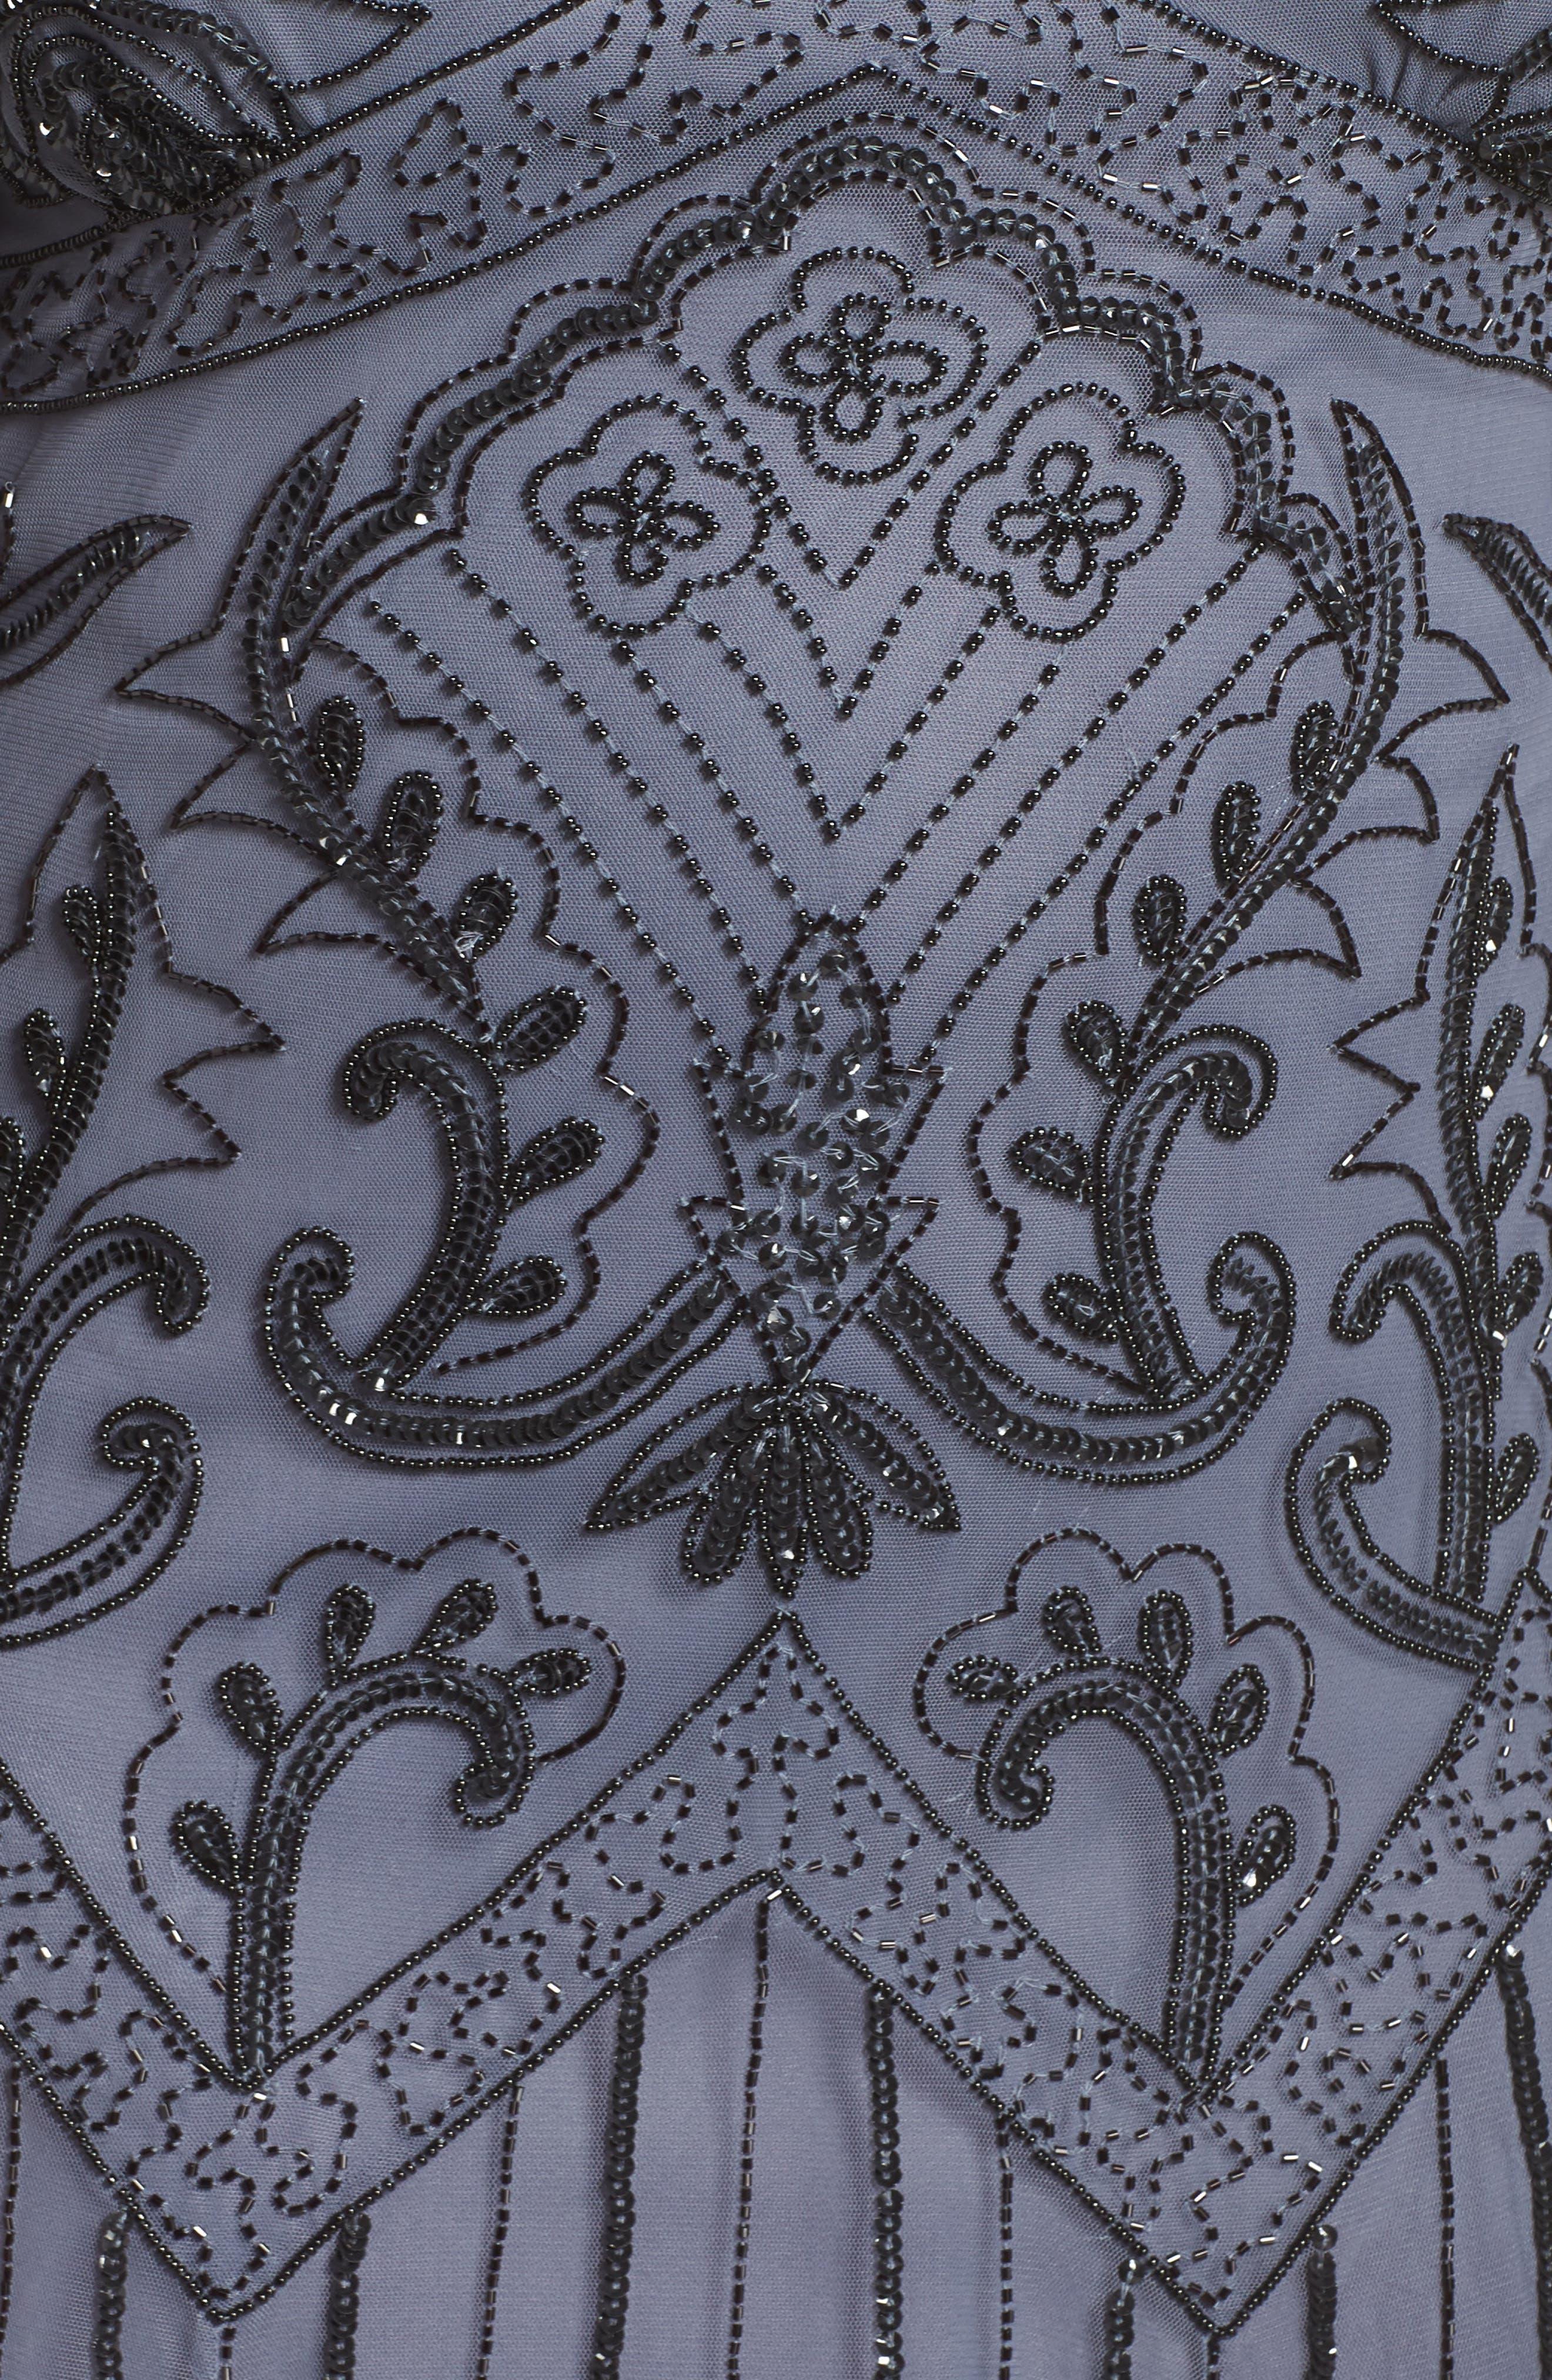 Embellished Double V-Neck Long Dress,                             Alternate thumbnail 6, color,                             GREY/ SILVER